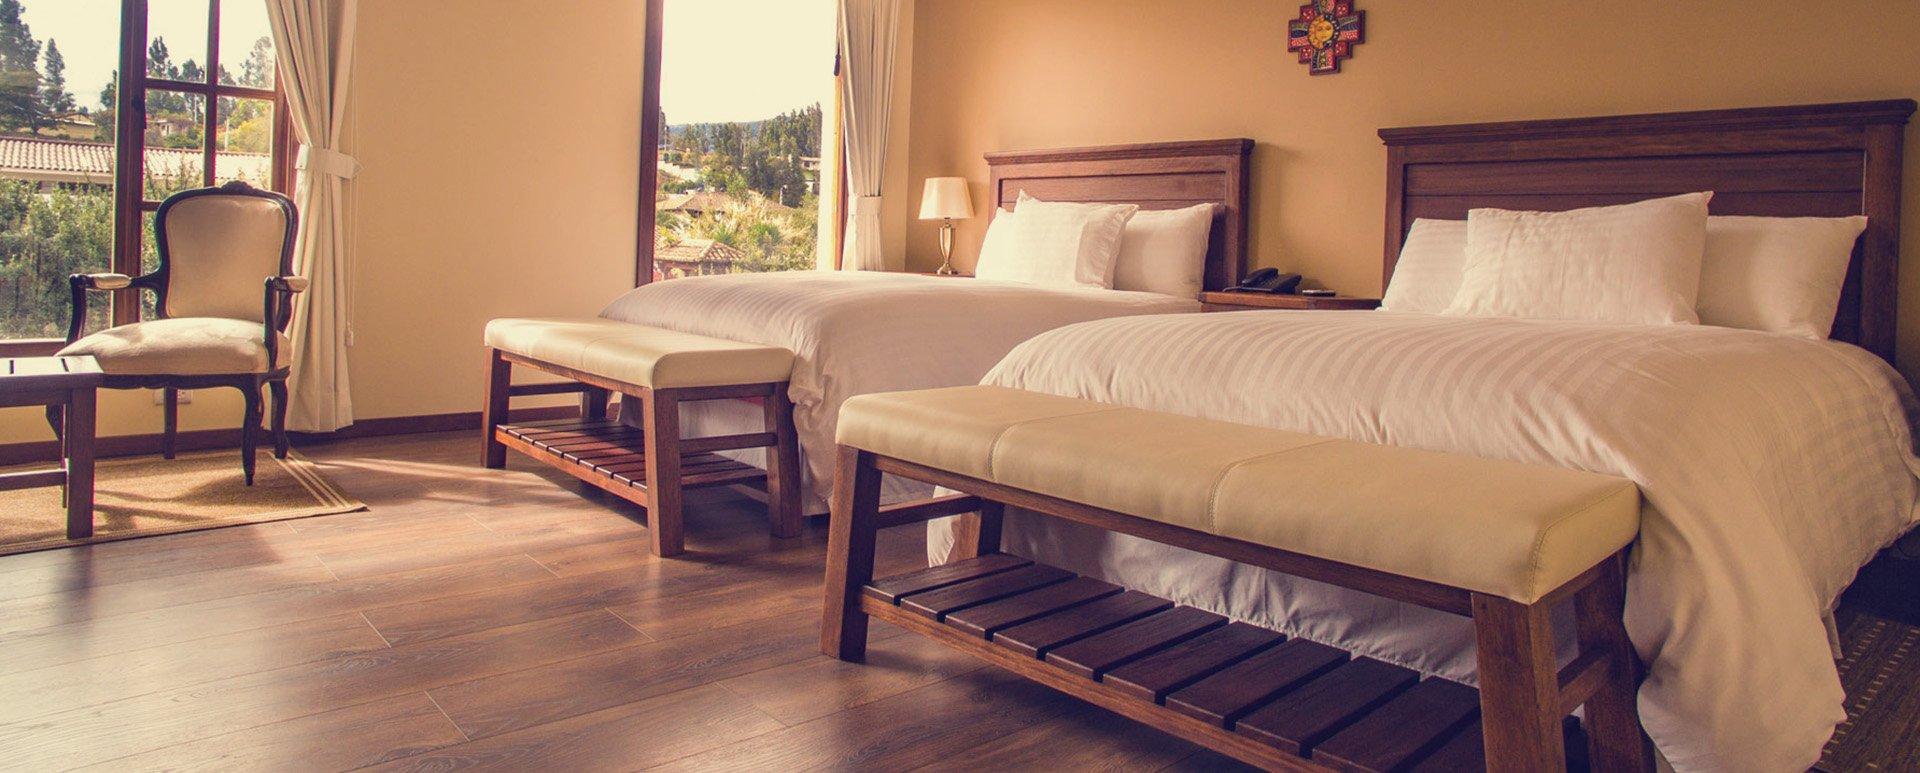 Abraspungo Hacienda room